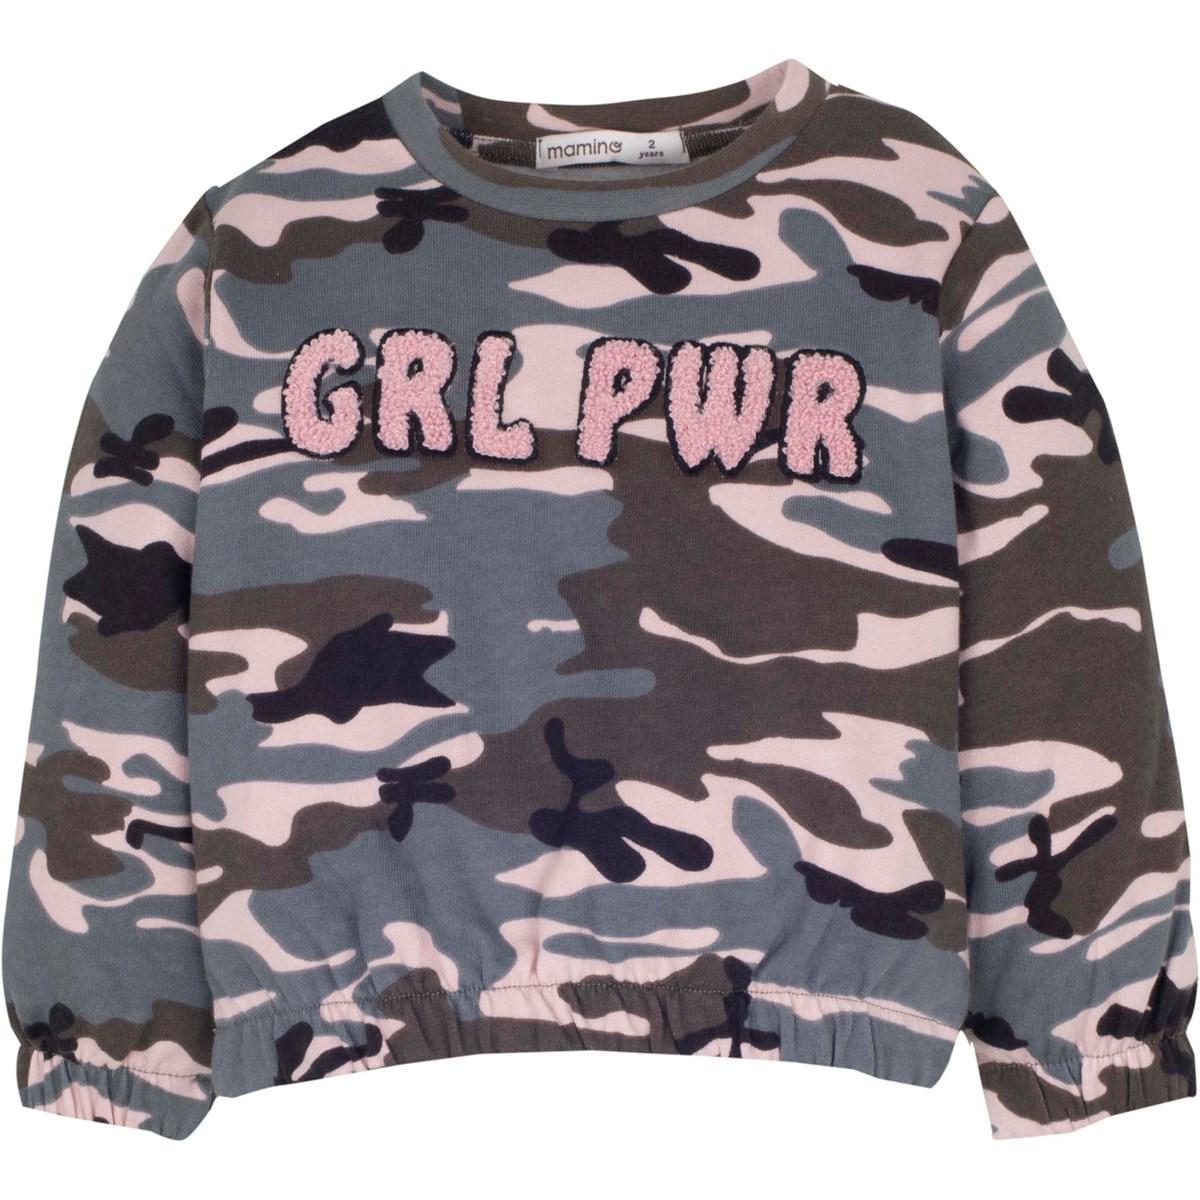 14037 Sweatshirt 1